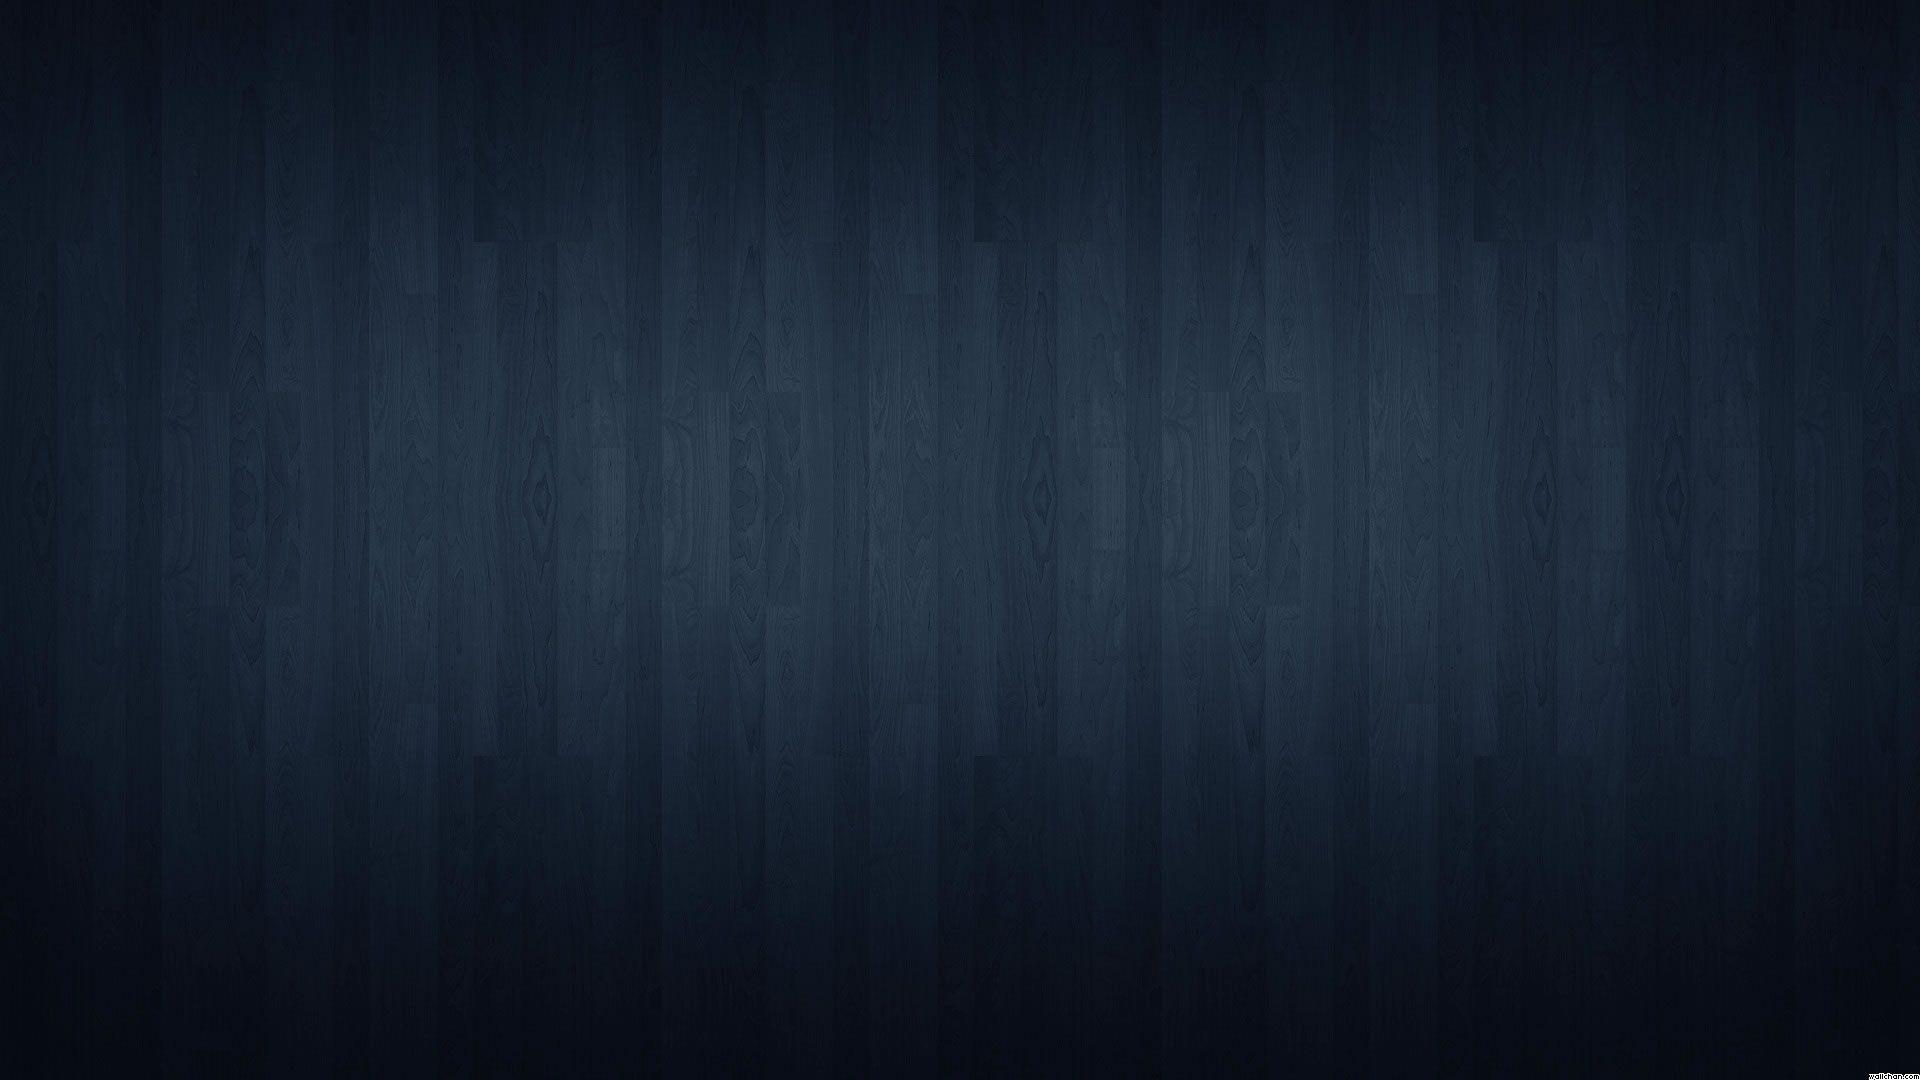 Dark Blue Stain On Wood Floors Dark Wood Wallpaper Wood Pattern